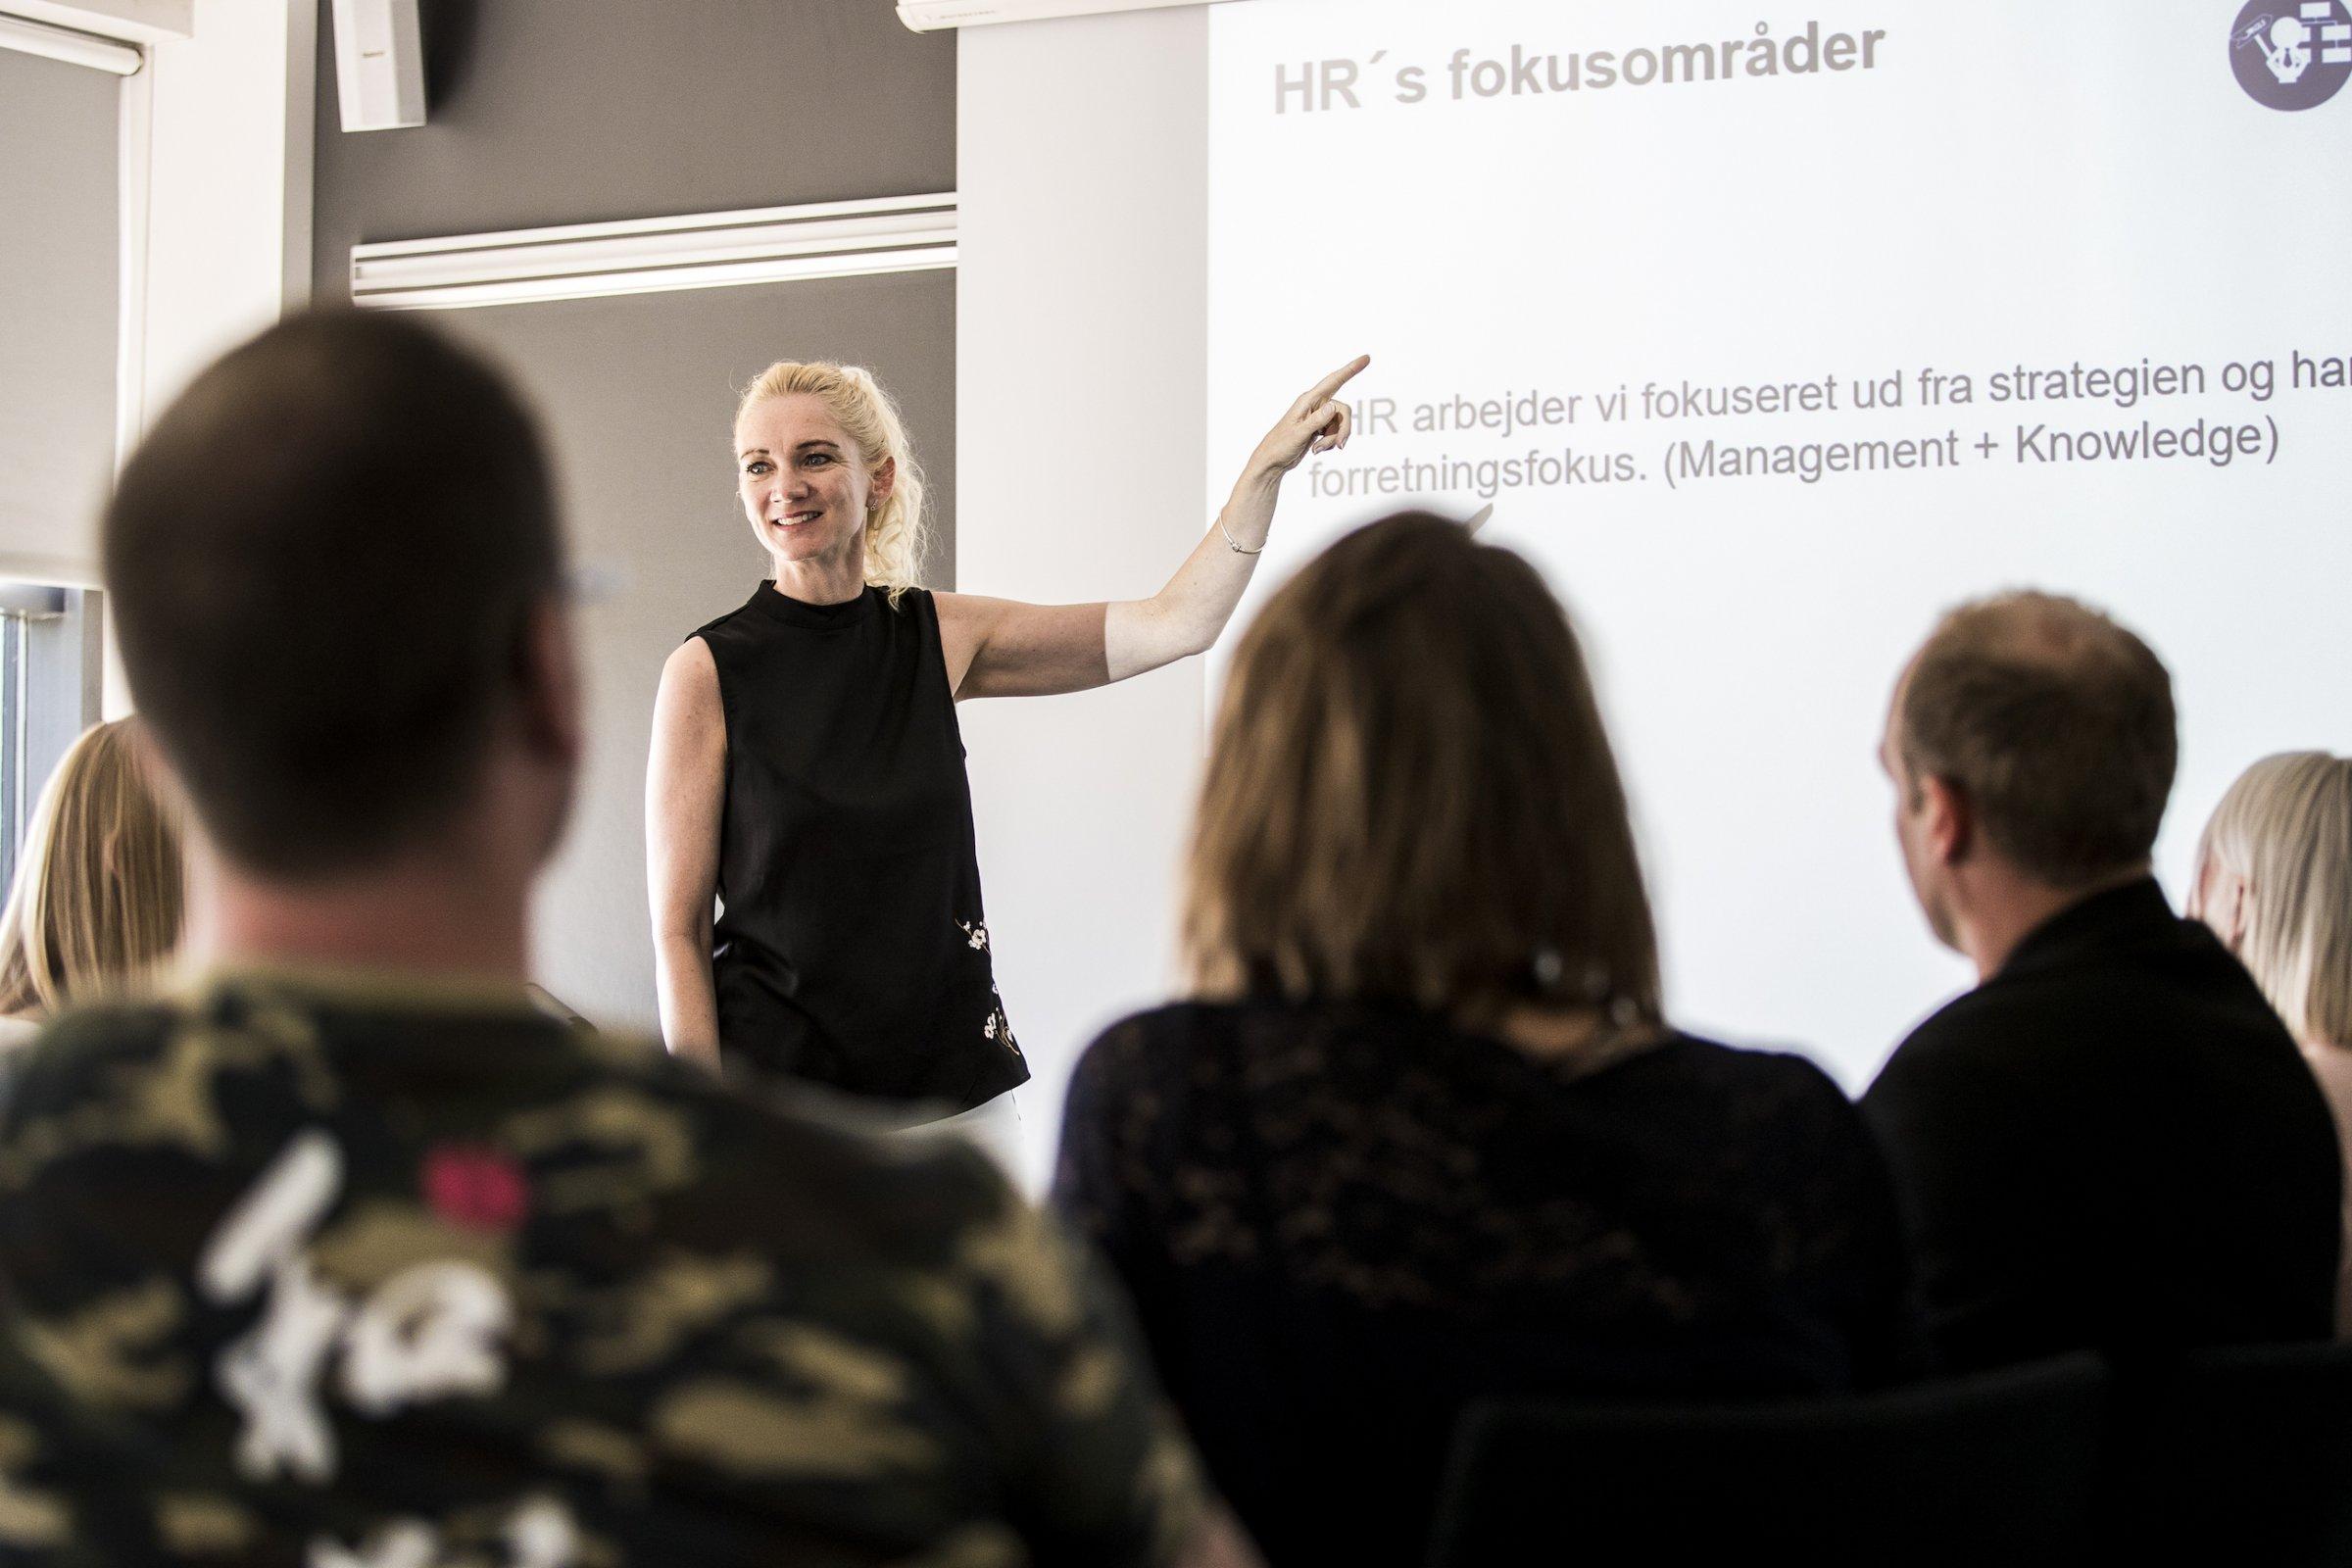 7e79635e GLS Danmarks HR-chef, Mette Wienberg, fortæller om, hvordan det nye tiltag  skaber en bedre forståelse for hinanden. Foto: Insights.